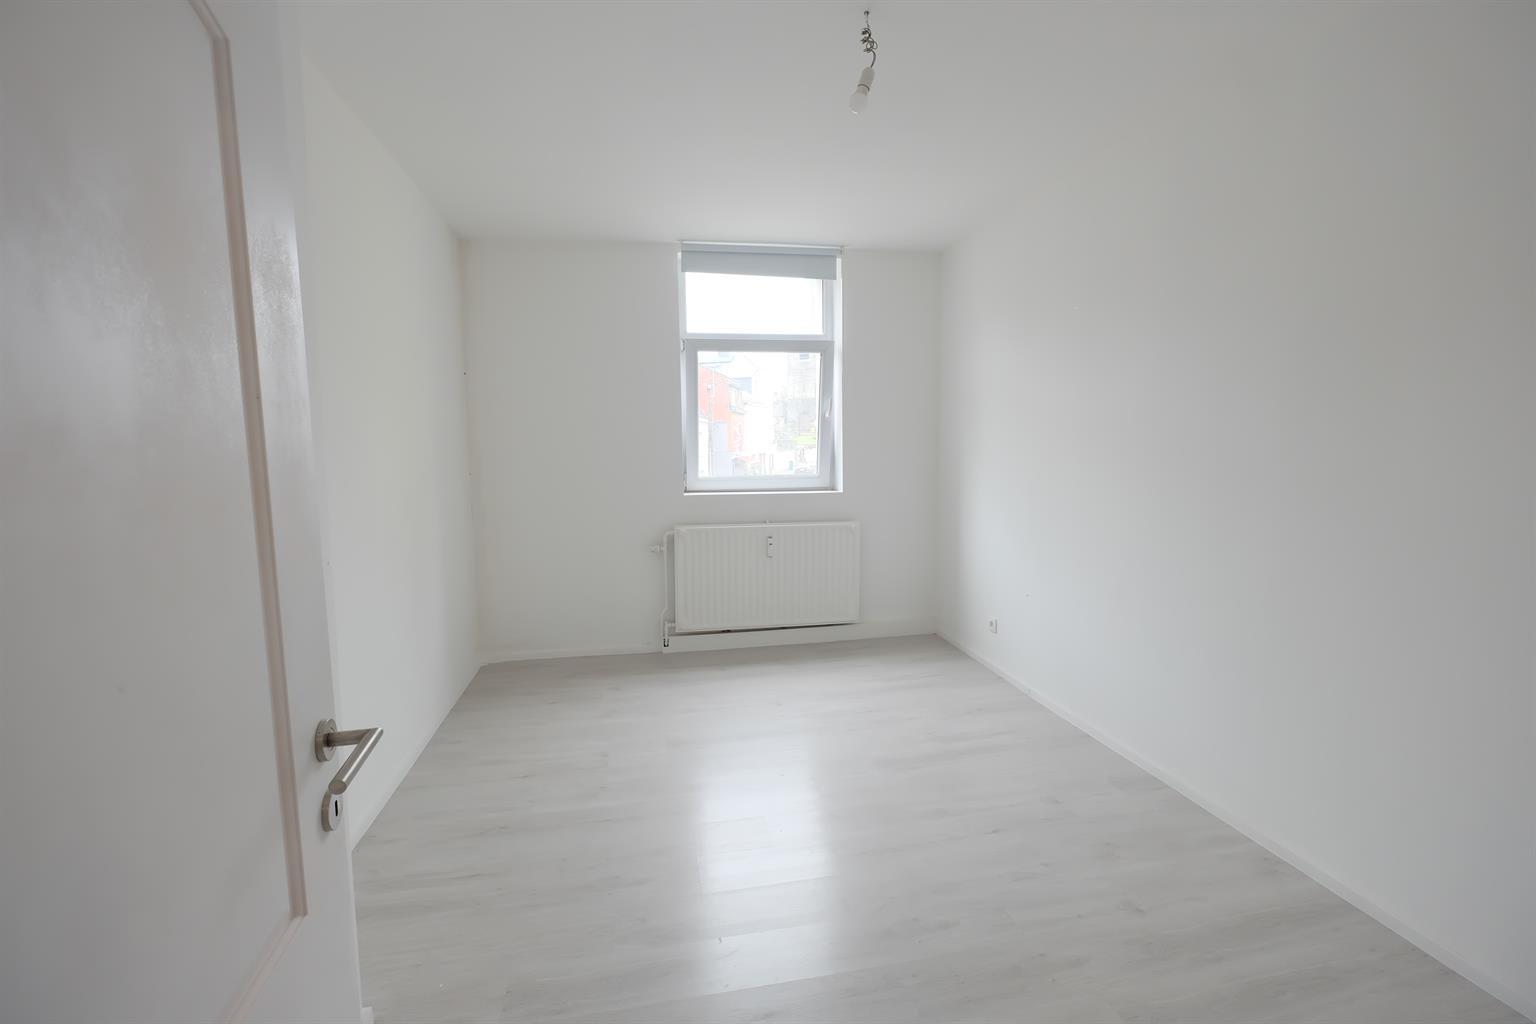 Appartement - Braine-le-Comte - #3872281-3